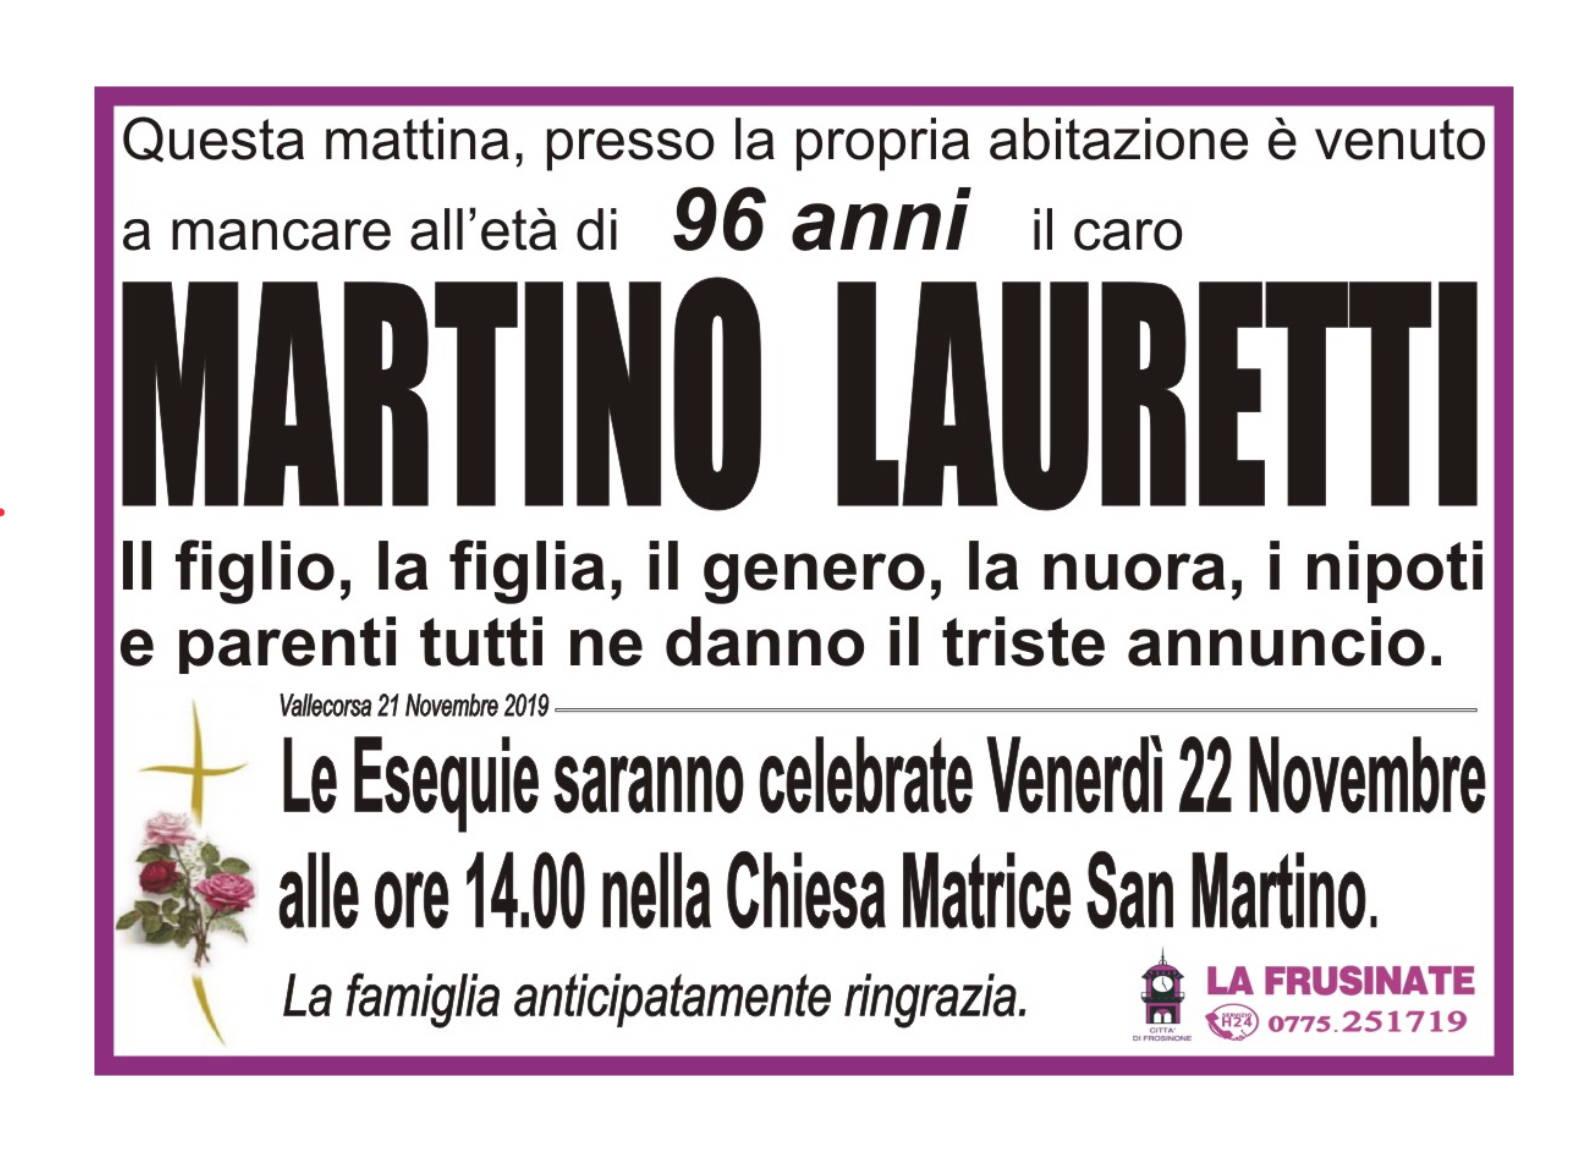 Martino Lauretti